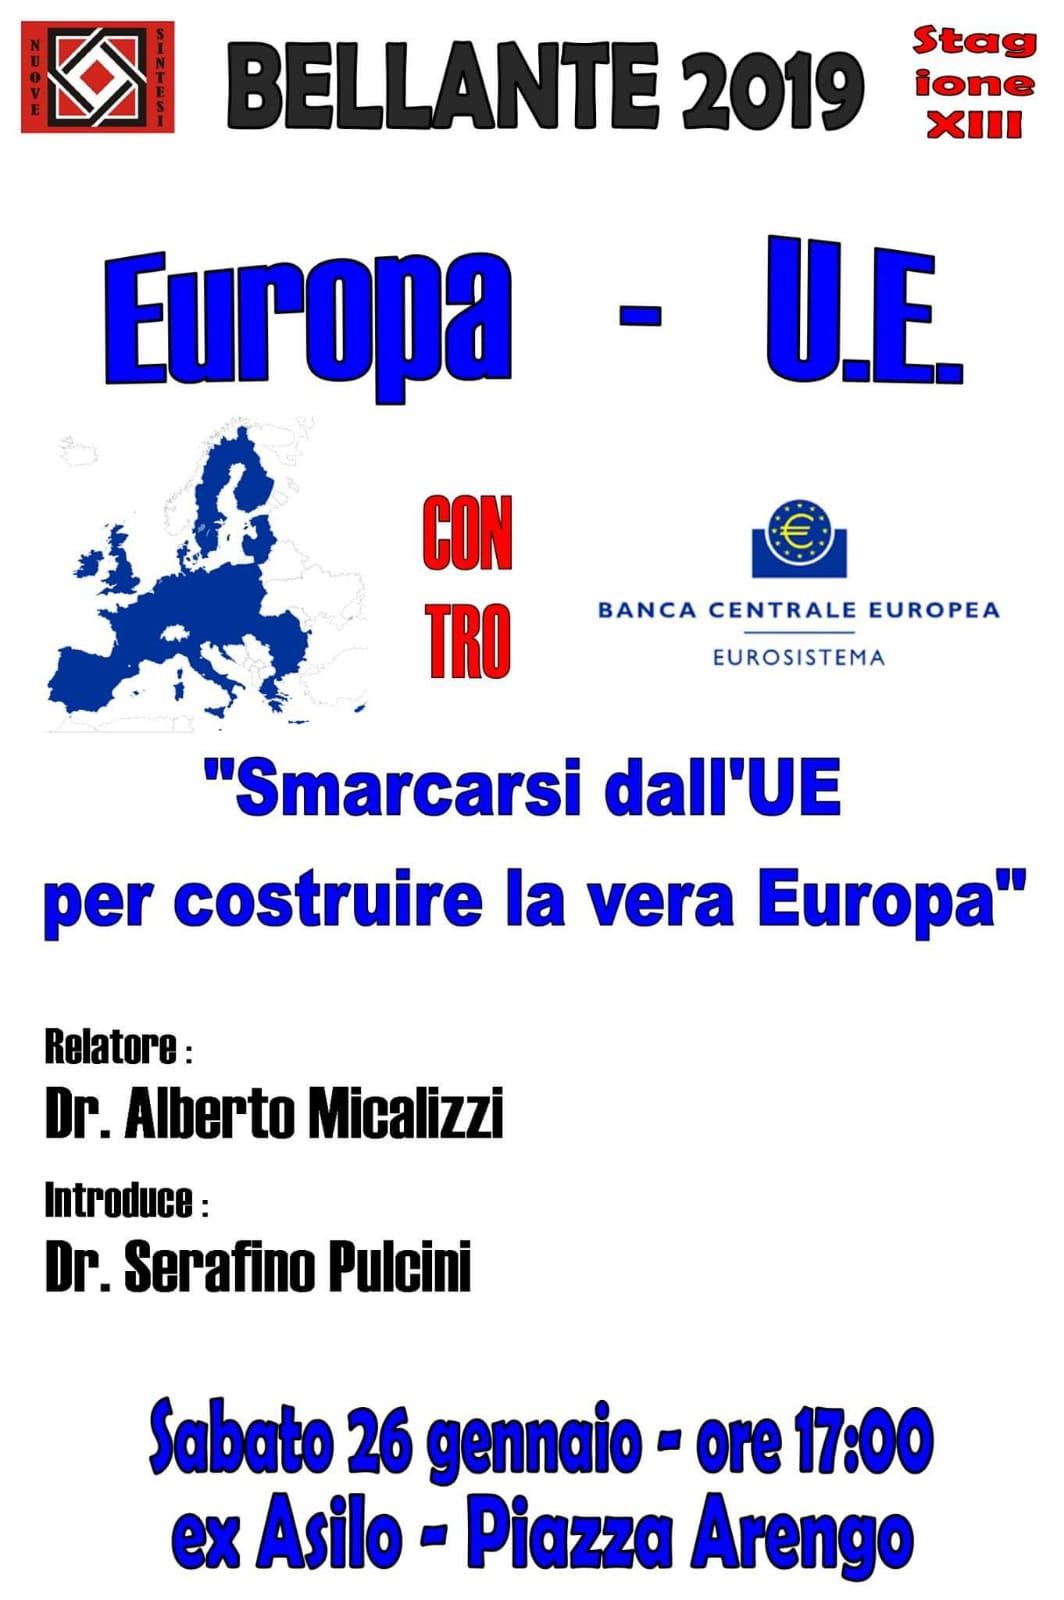 """BELLANTE paese - """"Europa contro UE. Smarcarsi dalla UE per costruire la vera Europa"""" 26 GENNAIO 2019"""